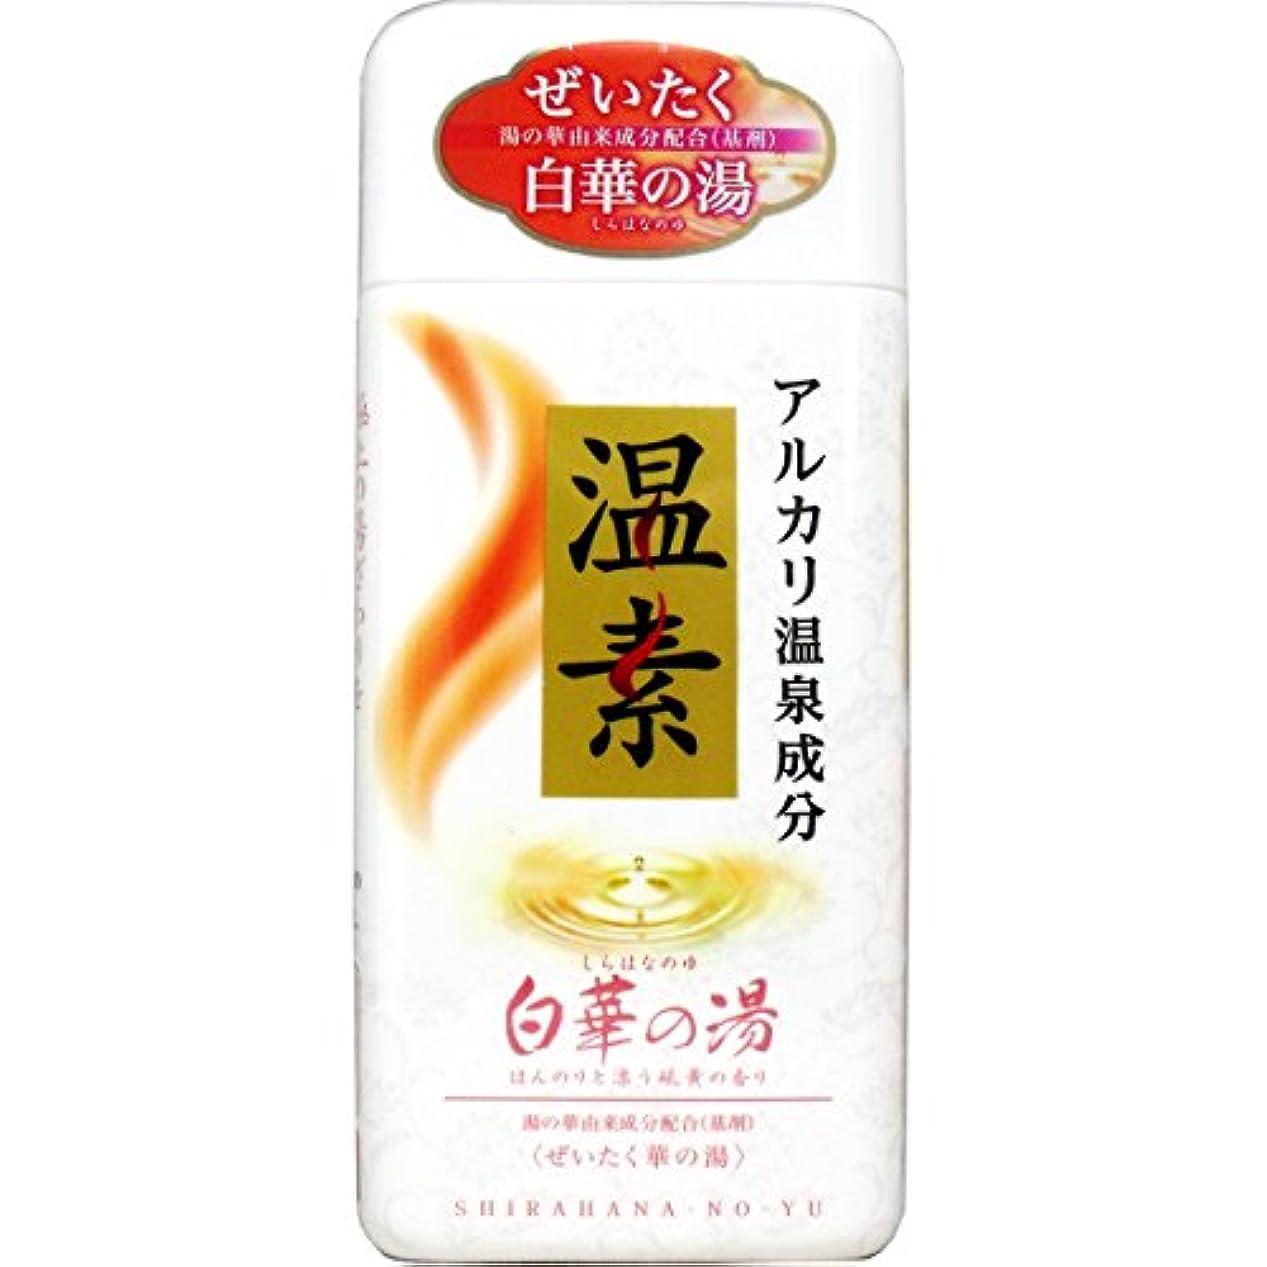 階下ボタン熱お風呂用品 ぜいたく華の湯 本物志向 アルカリ温泉成分 温素 入浴剤 白華の湯 硫黄の香り 600g入